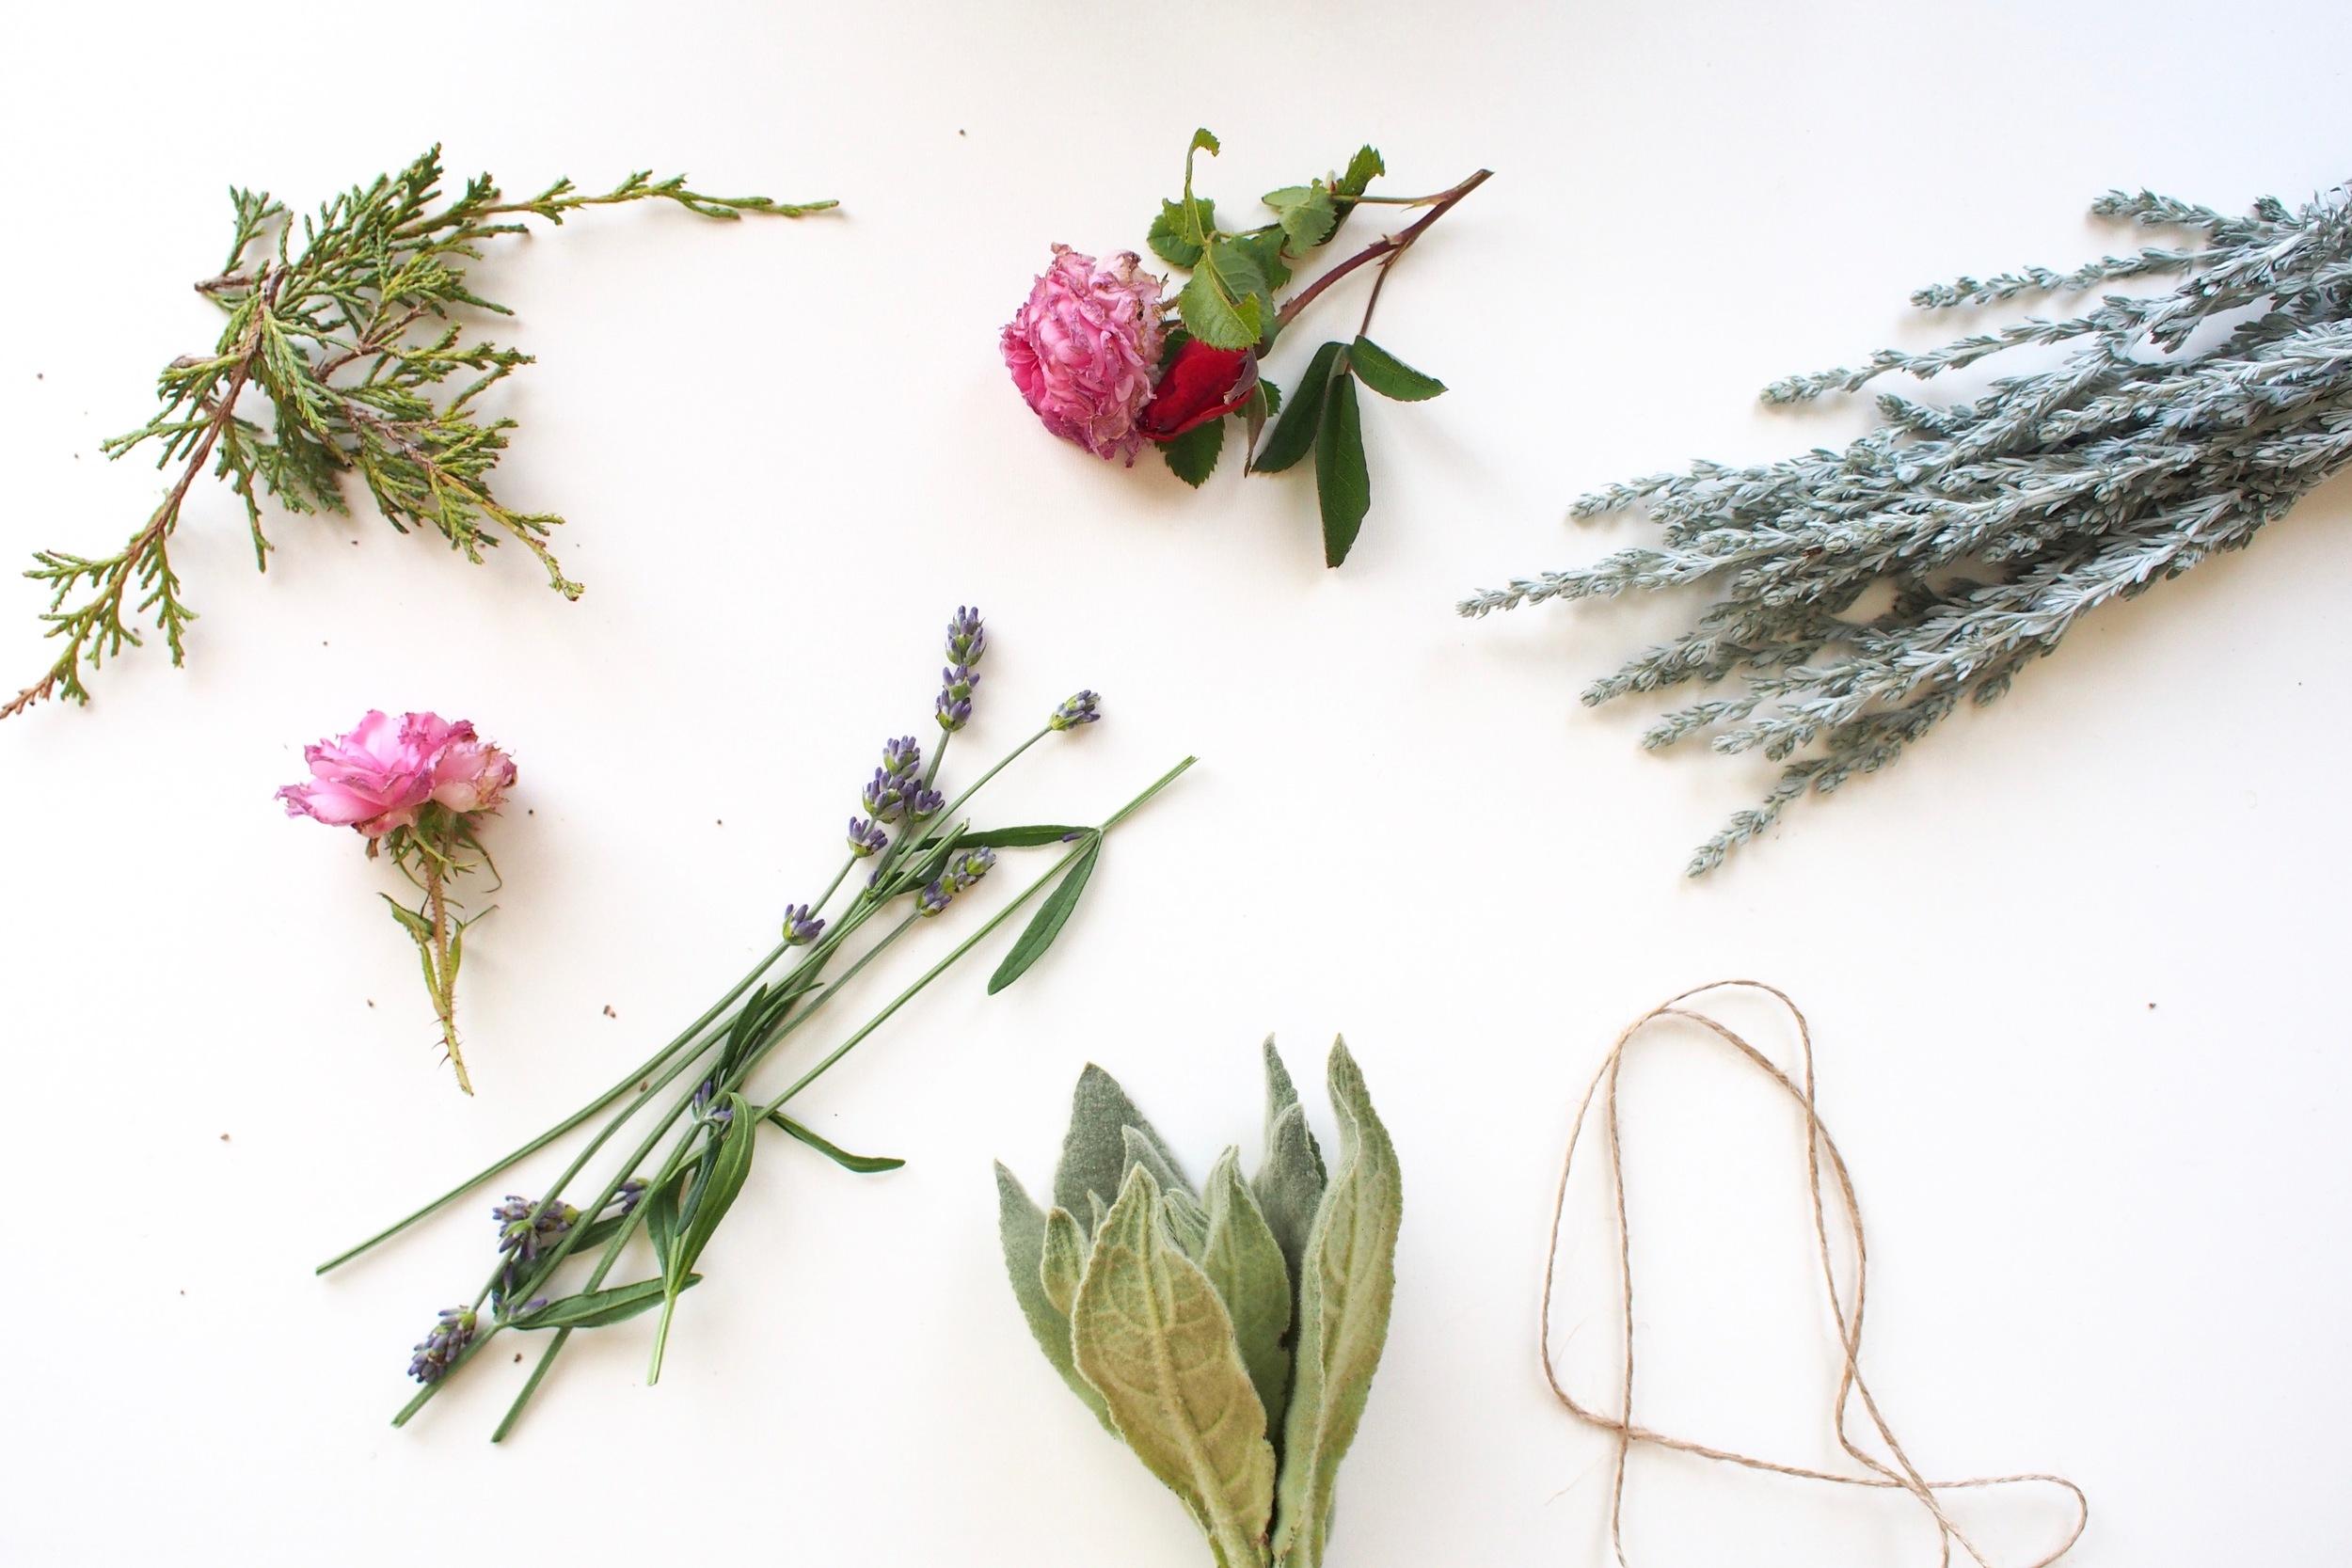 garden clippings